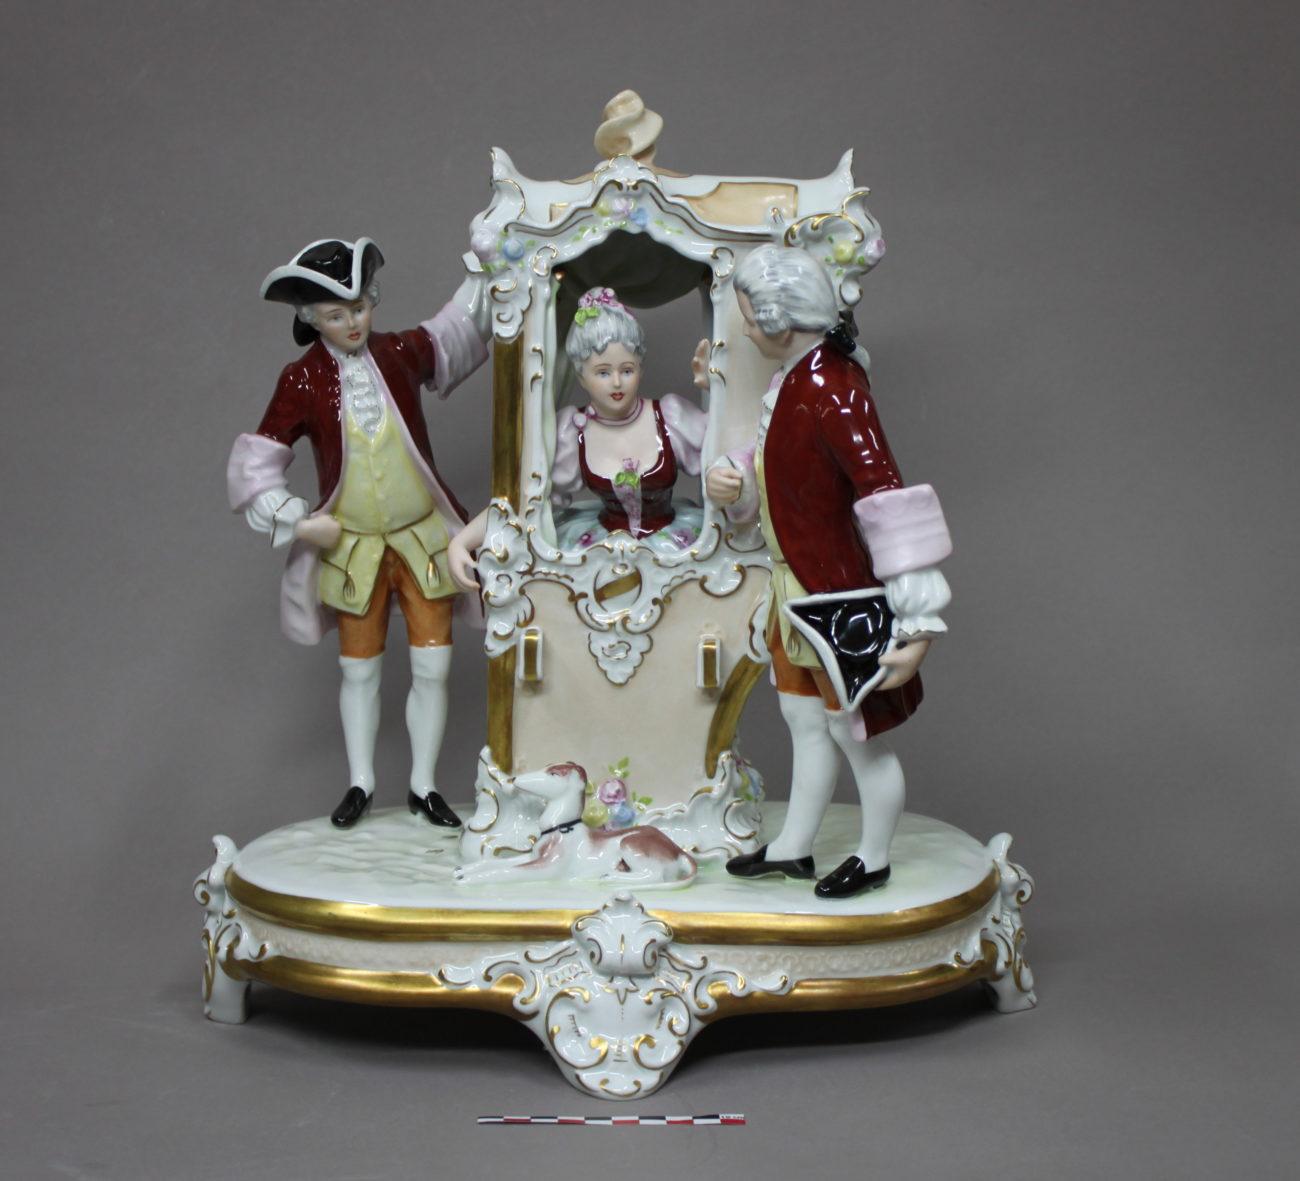 Restauration d'un groupe de personnages en porcelaine